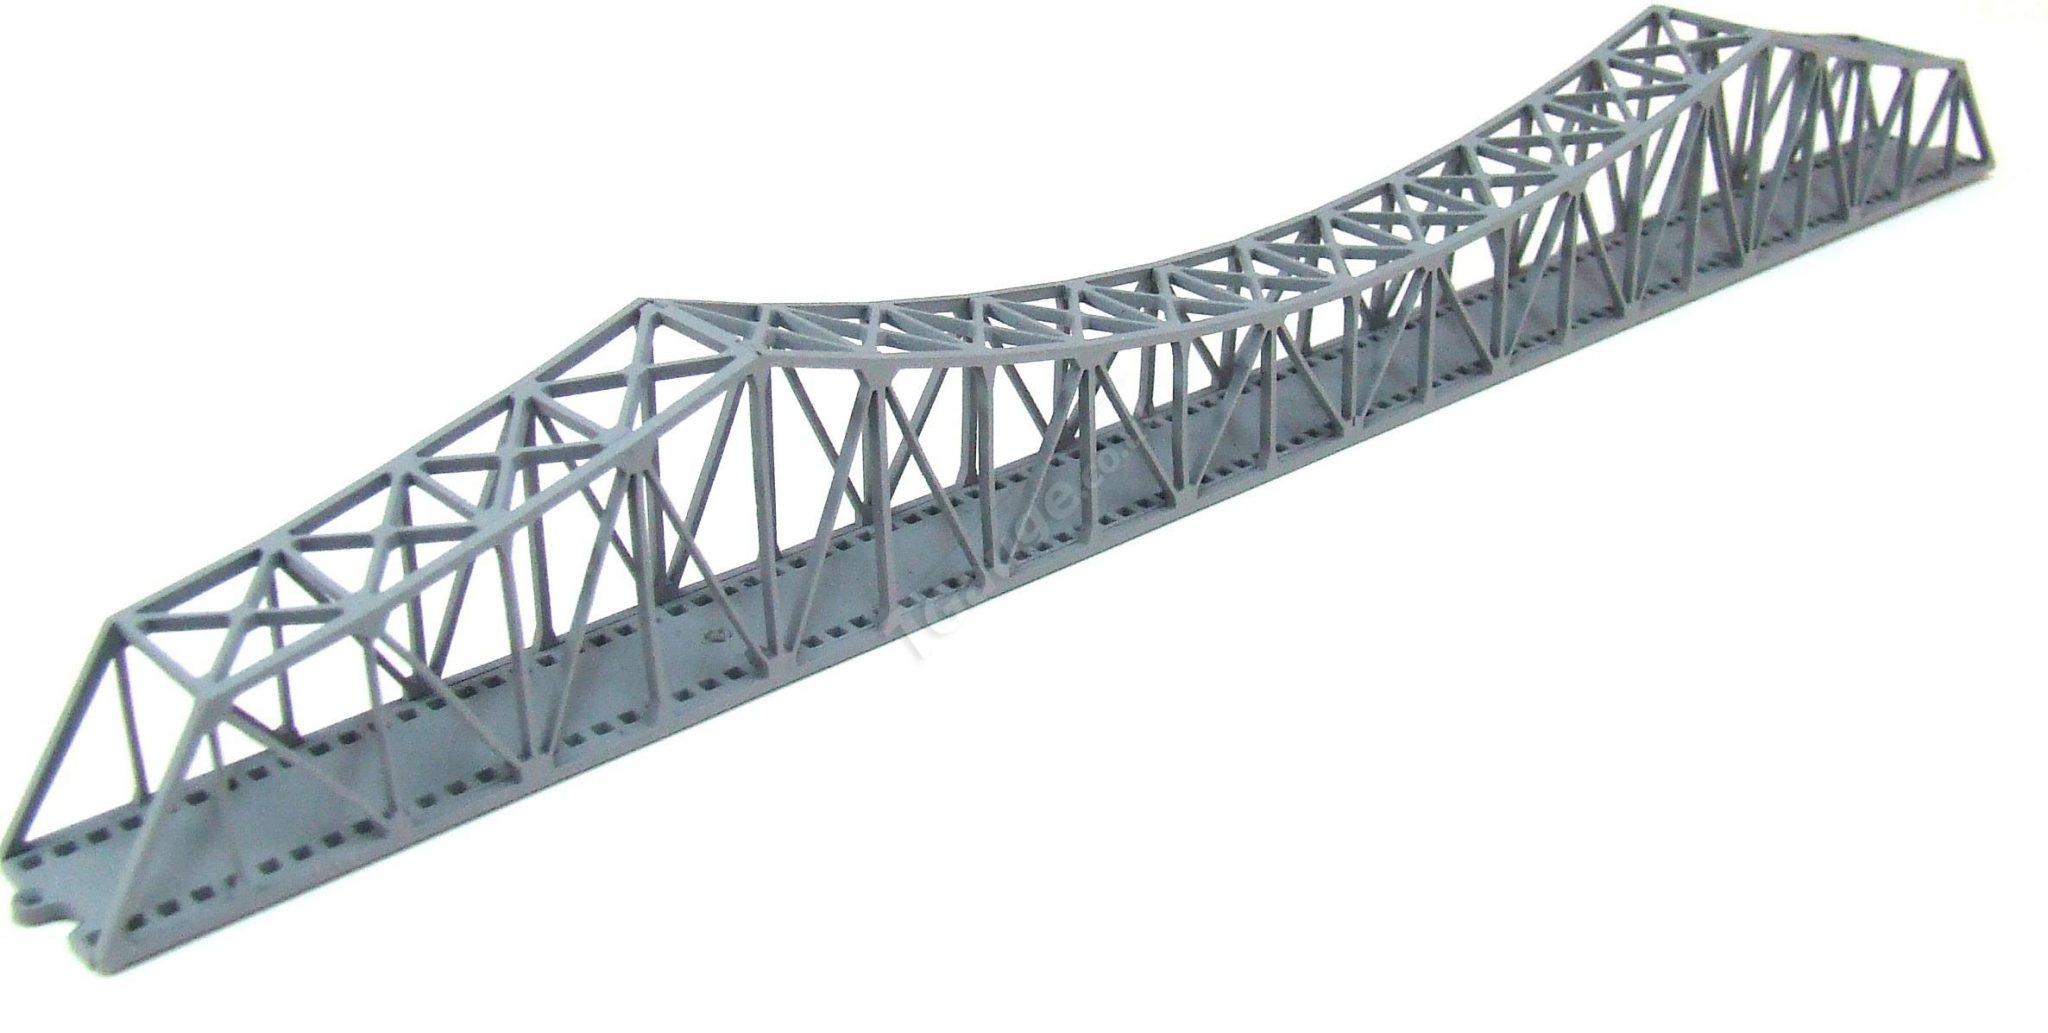 T Gauge Cantilevered Truss Bridge Vcshobbies Vcshobbies